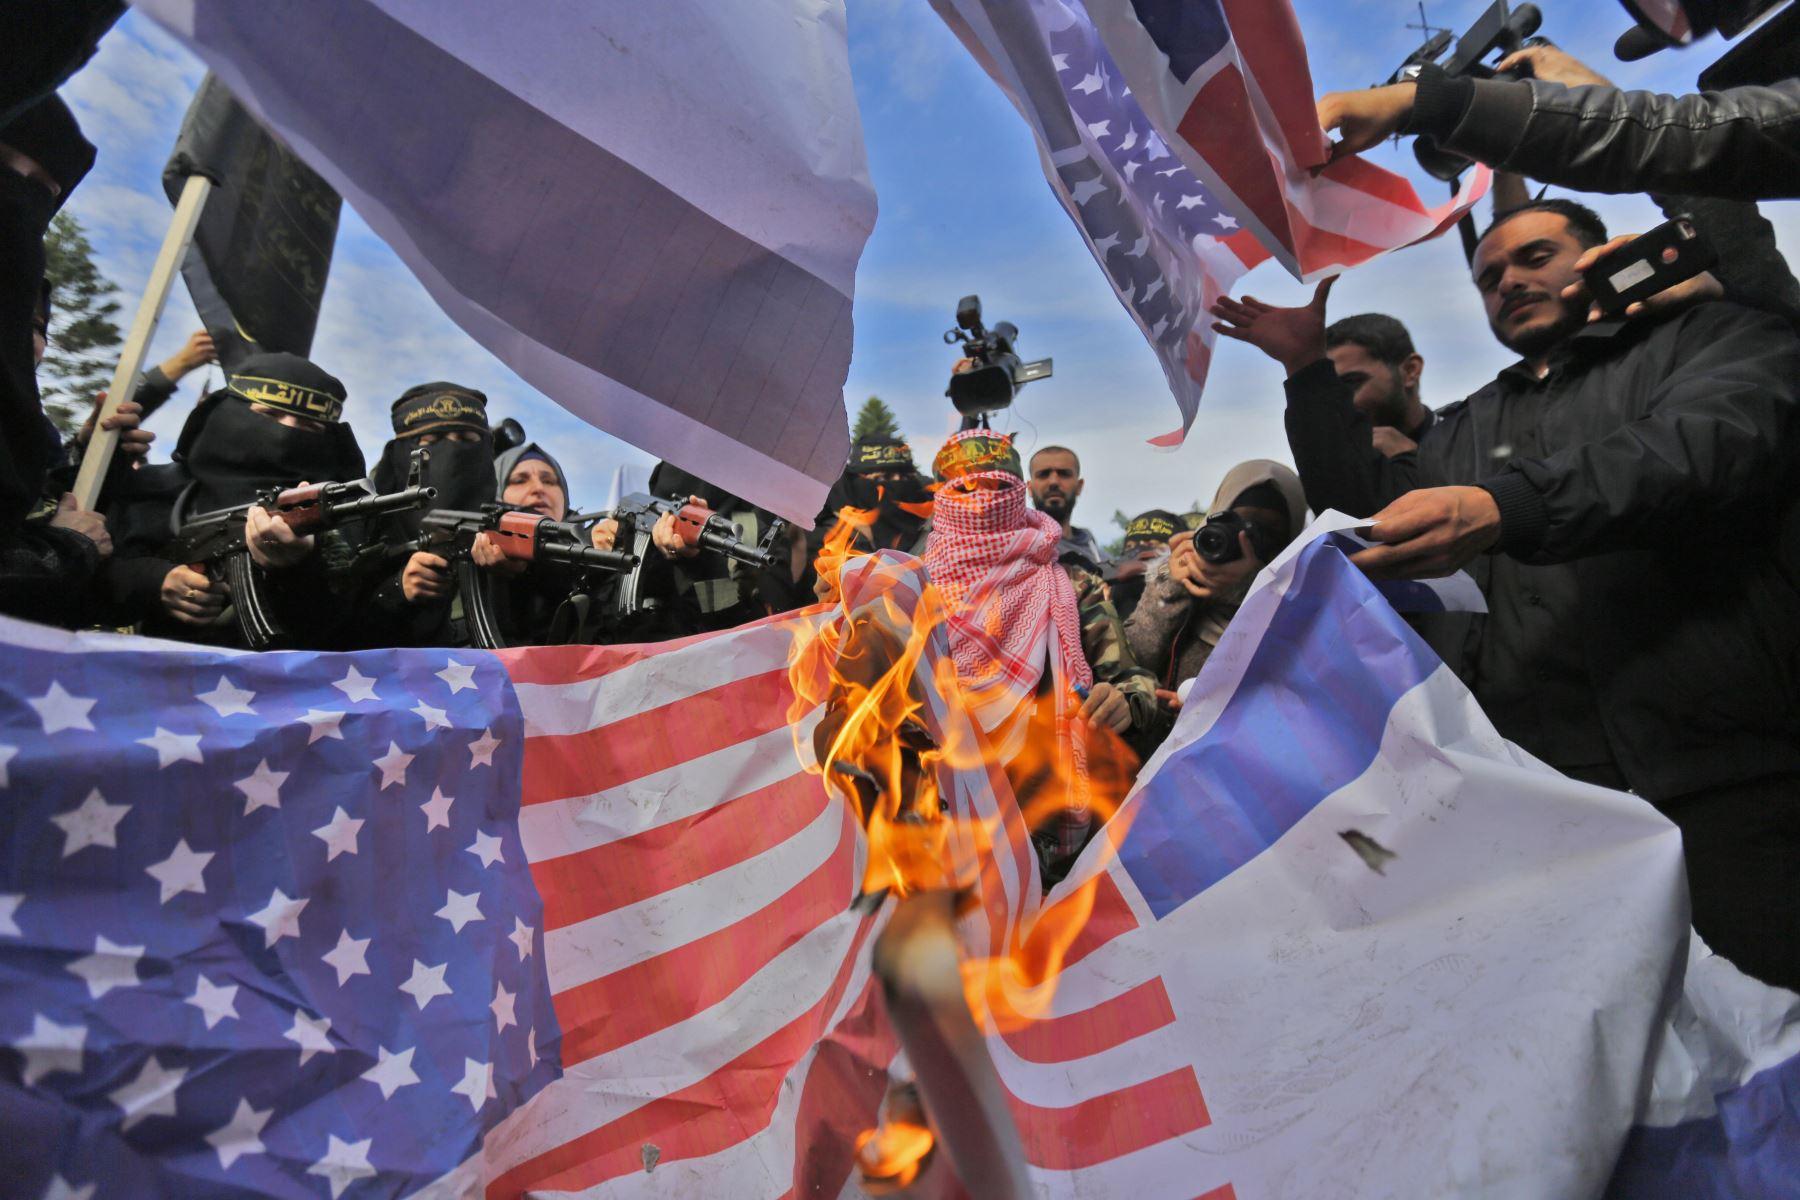 Partidarios del militante grupo palestino Jihad Islámica queman banderas estadounidenses en Gaza. Foto: AFP